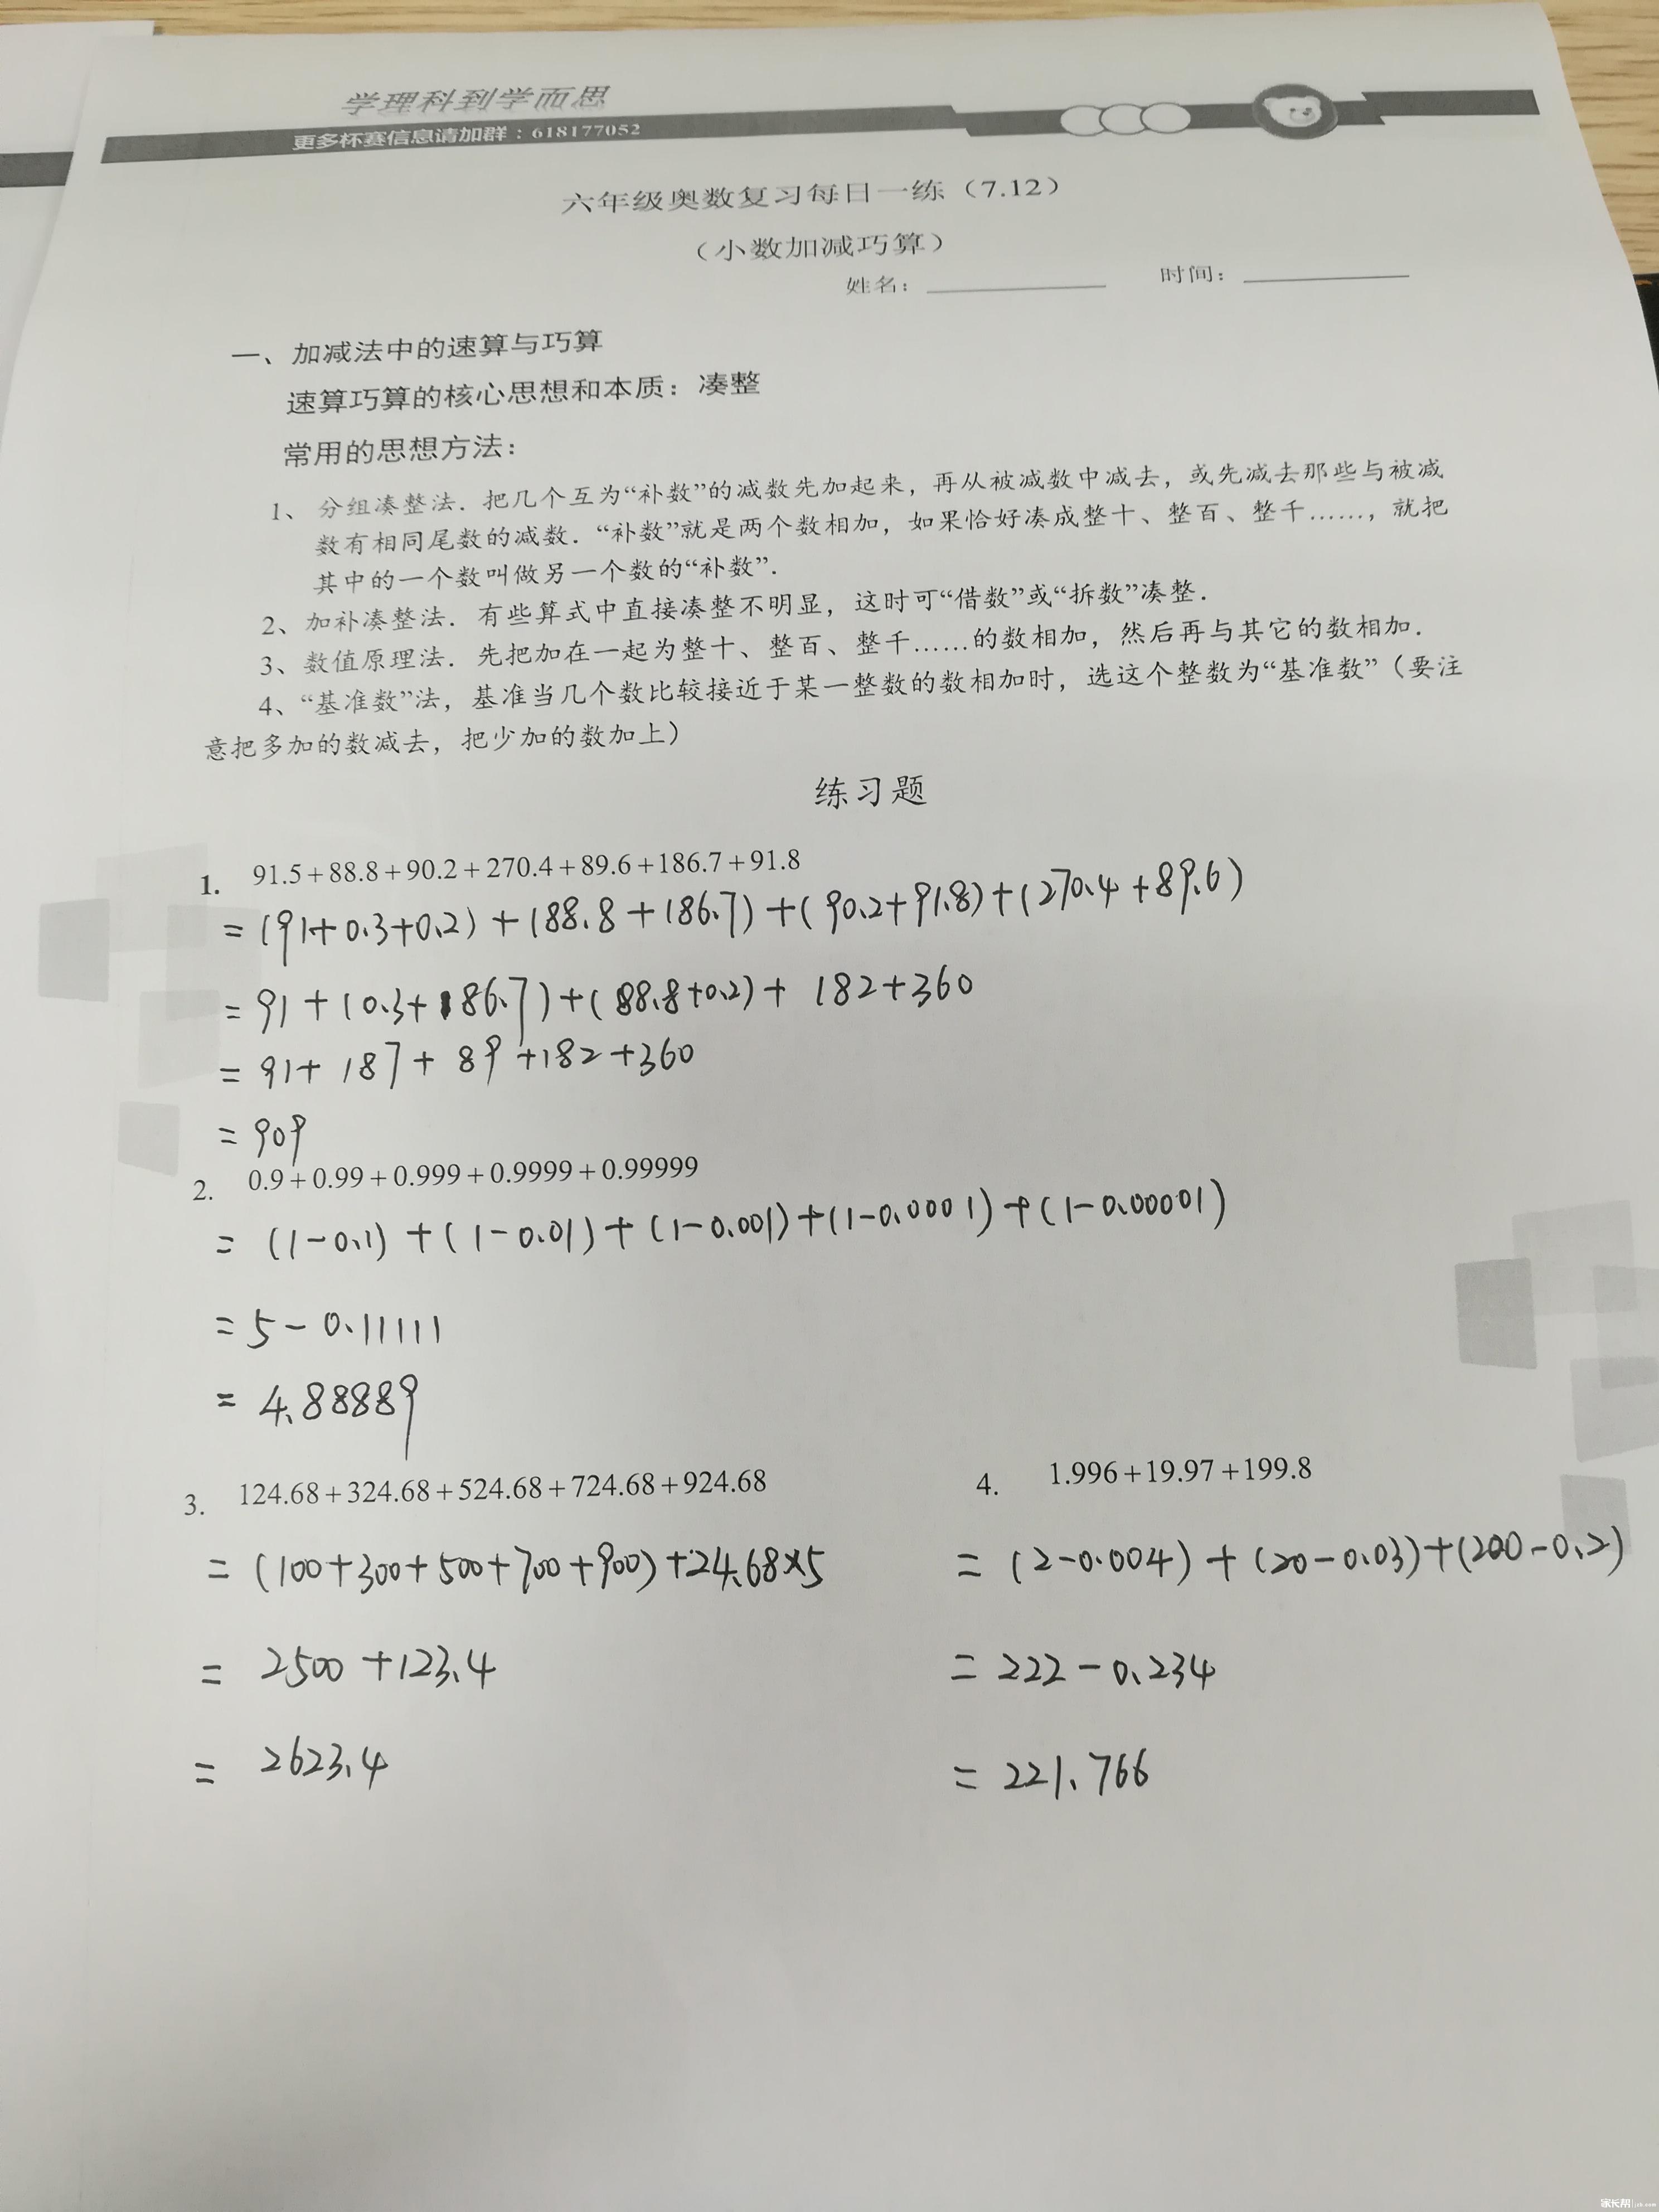 7.12详解.jpg